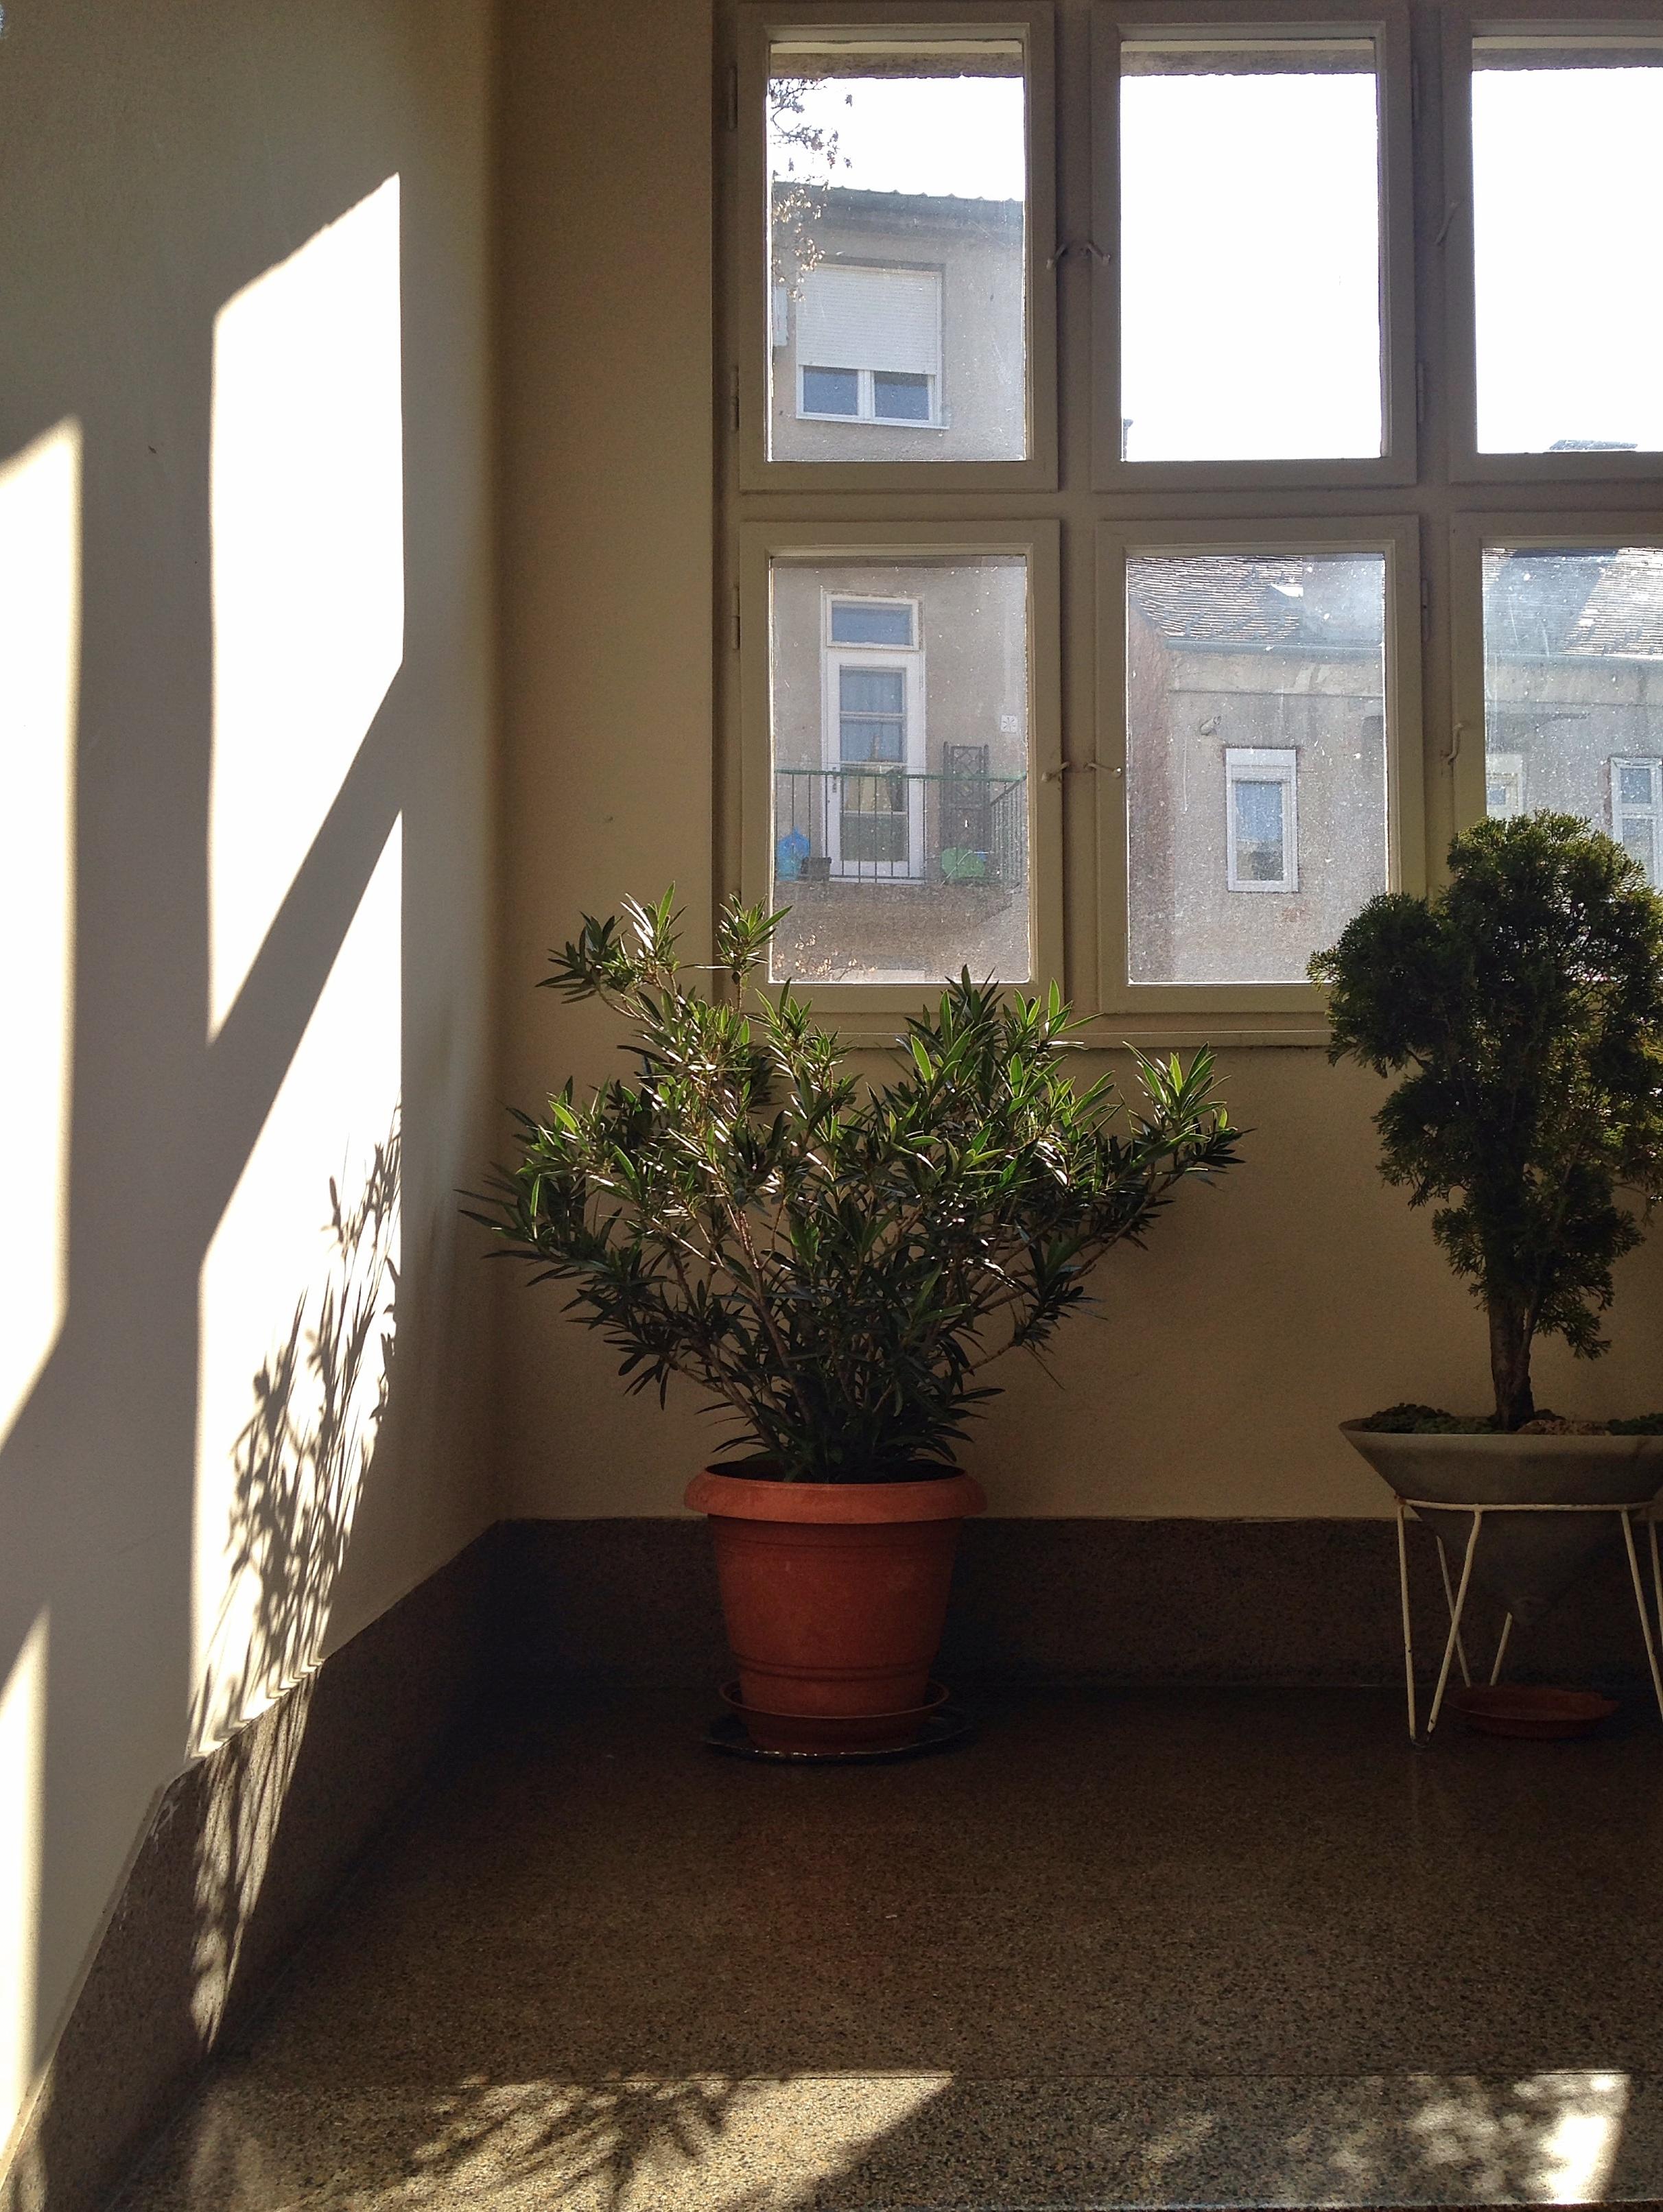 Images gratuites bois maison sol mur chalet for Conception d architecture maison gratuite